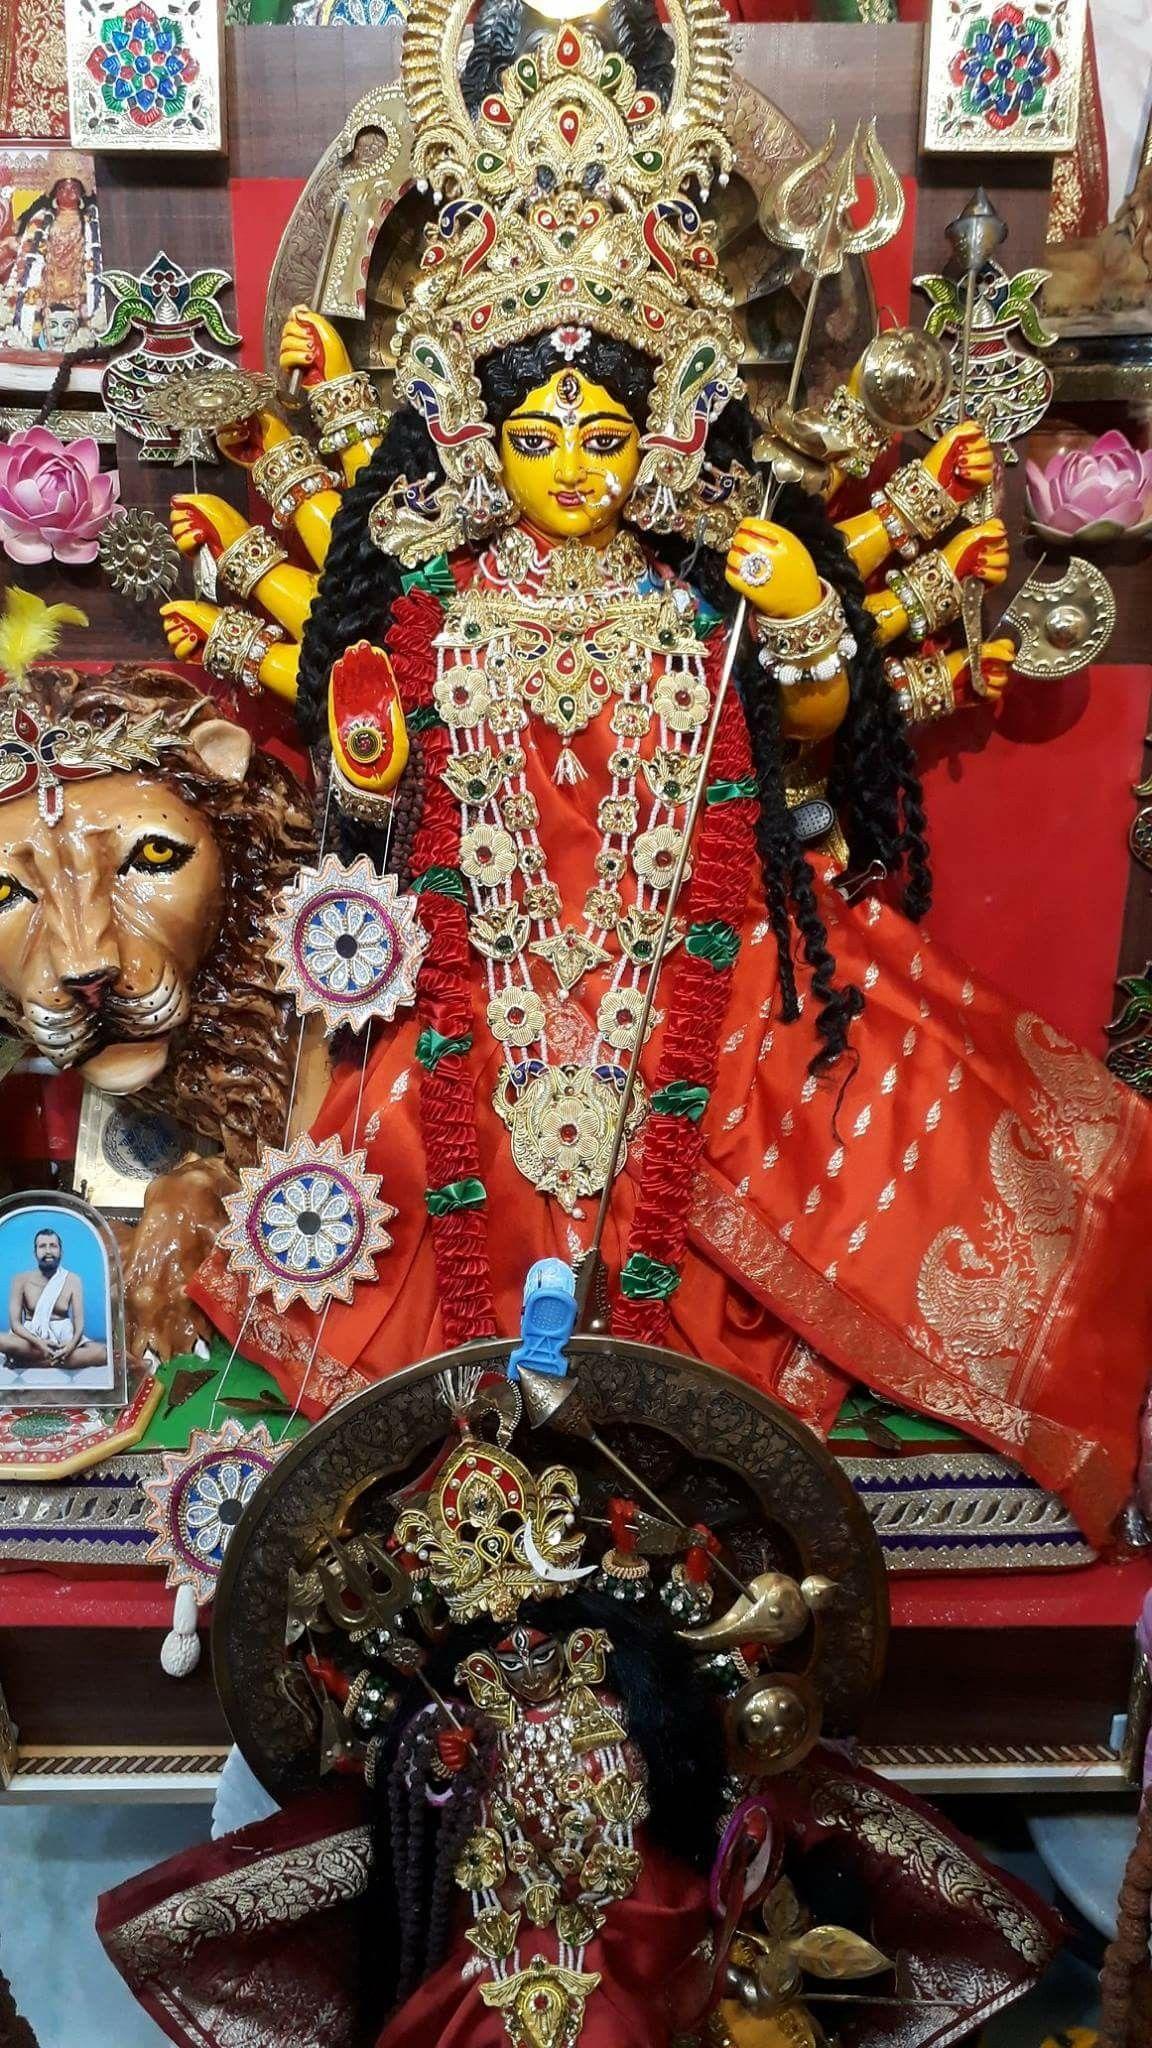 Pin by Bhavesh Katira on Hindu god B in 2019 | Durga puja kolkata